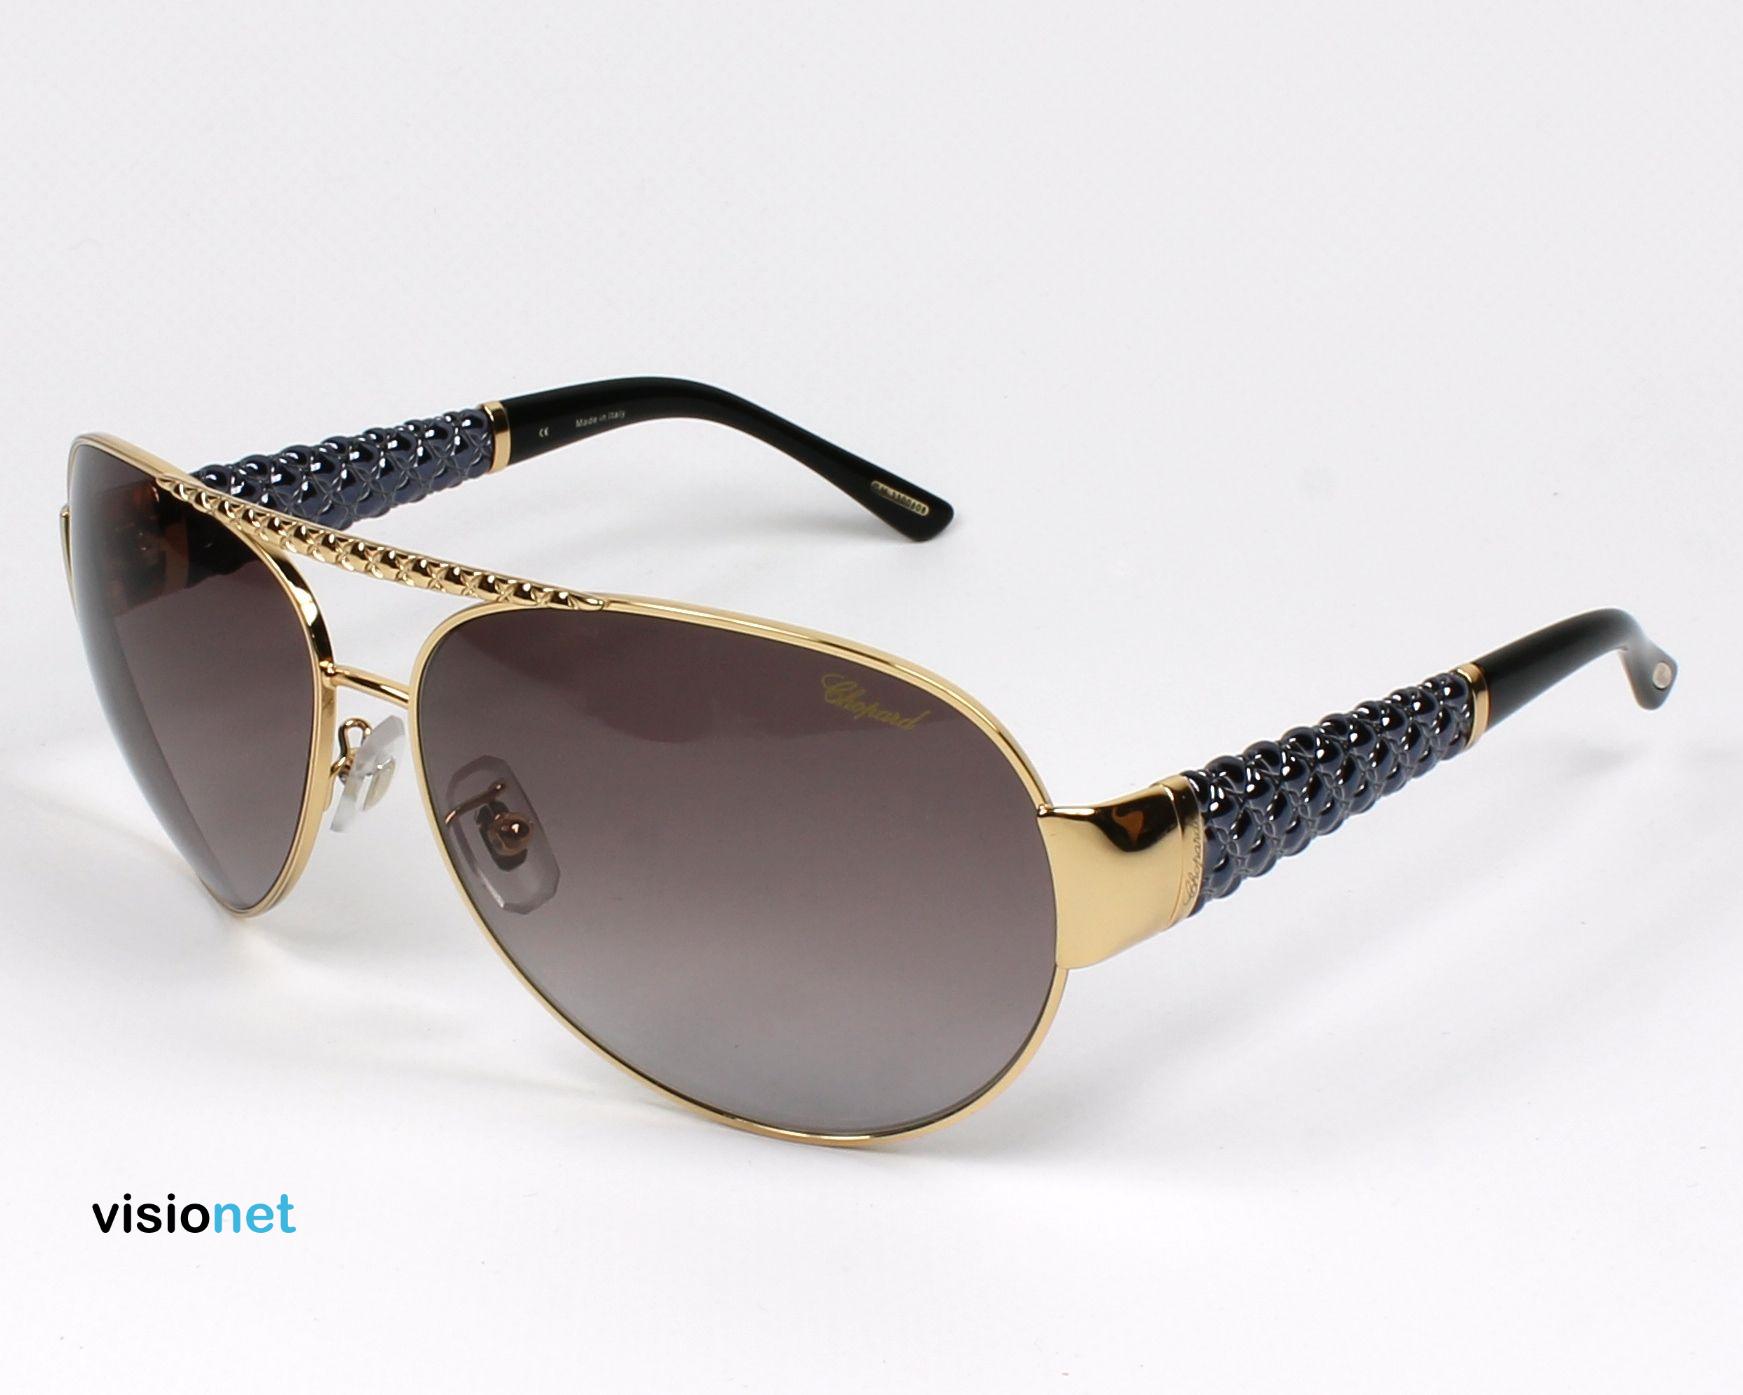 Lunette de soleil chopard femme 2015 prix - sp-lunettes.fr 9967b85c497b